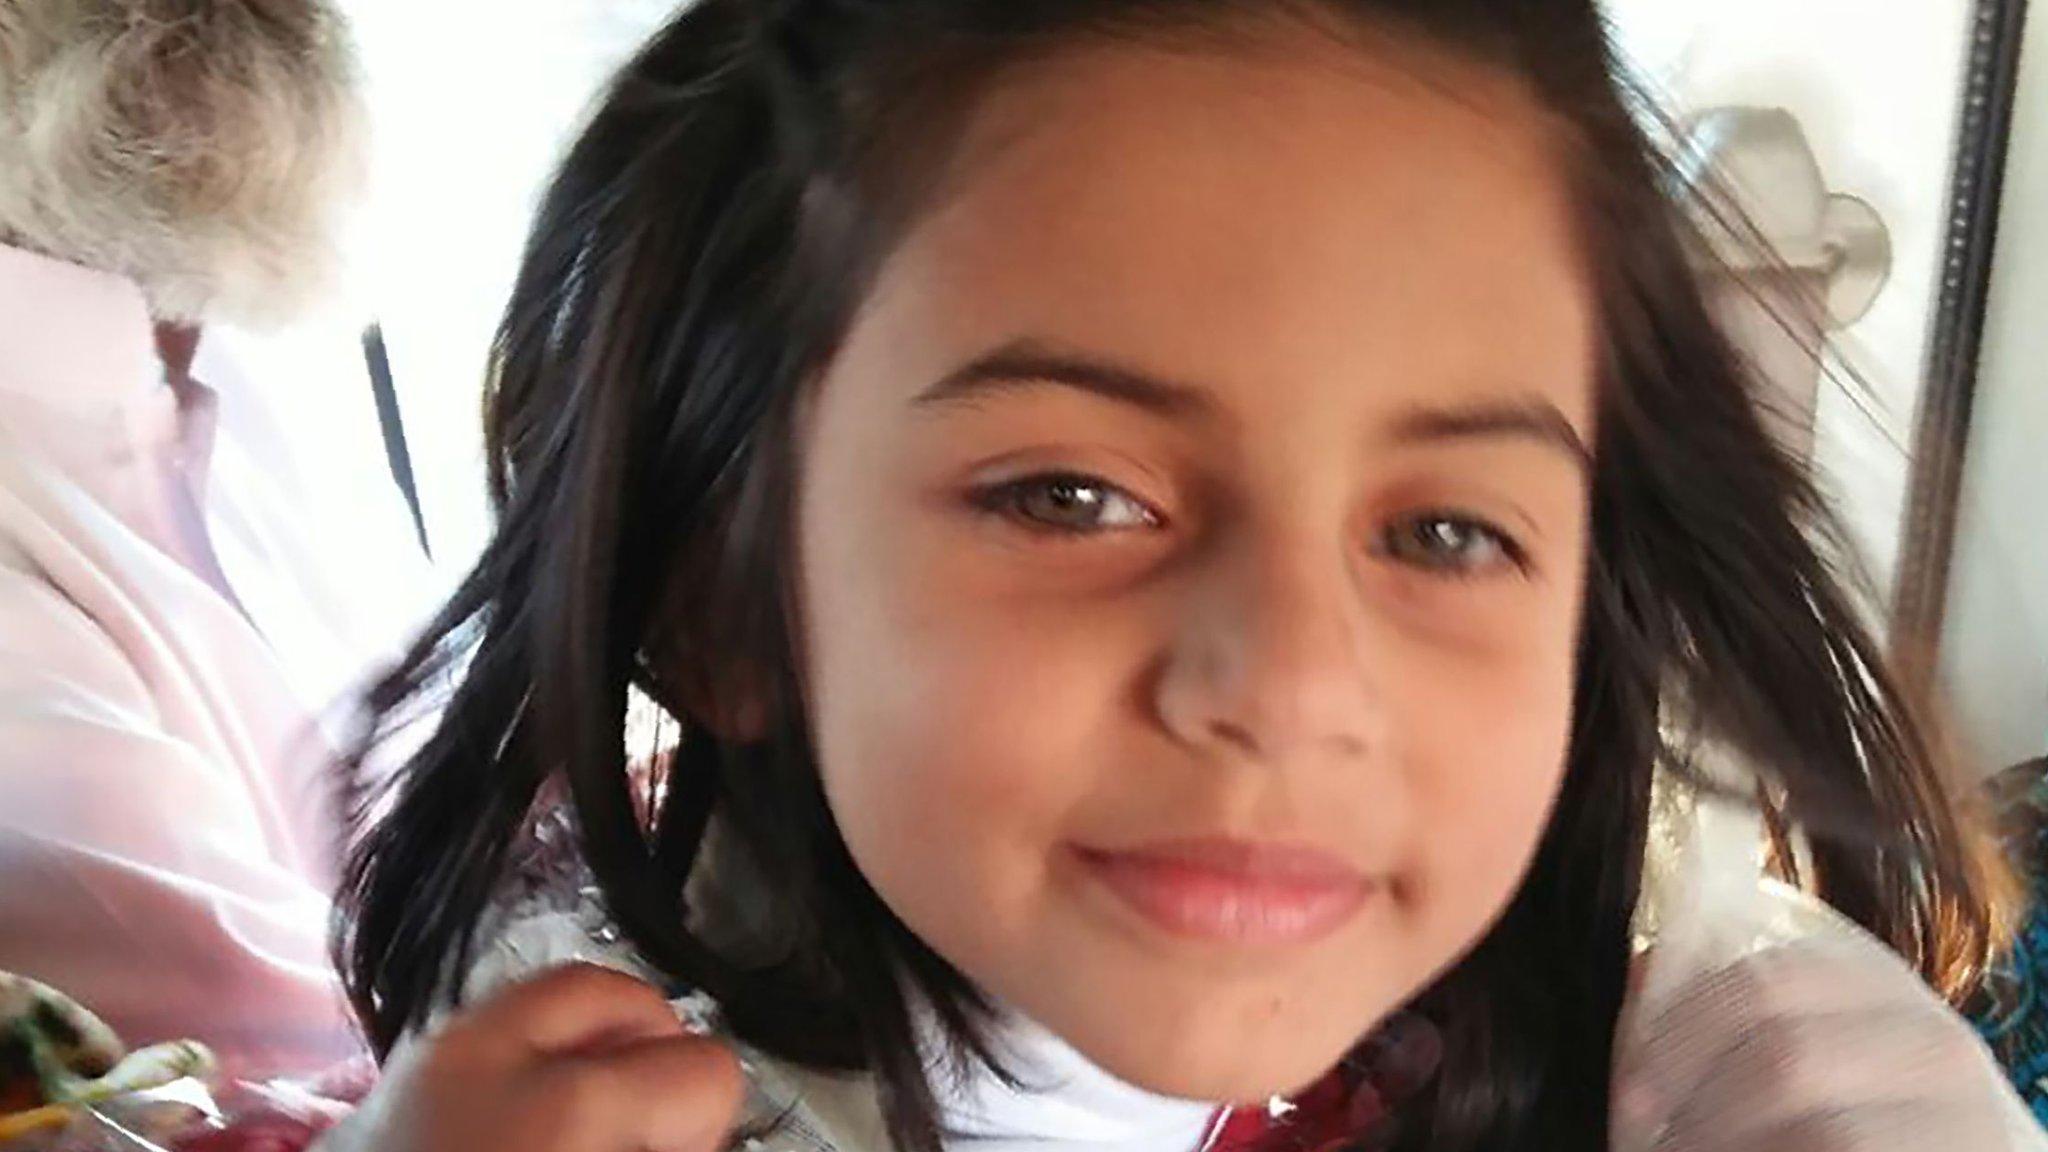 Pakistan: Zainab Ansari's killer gets four death sentences